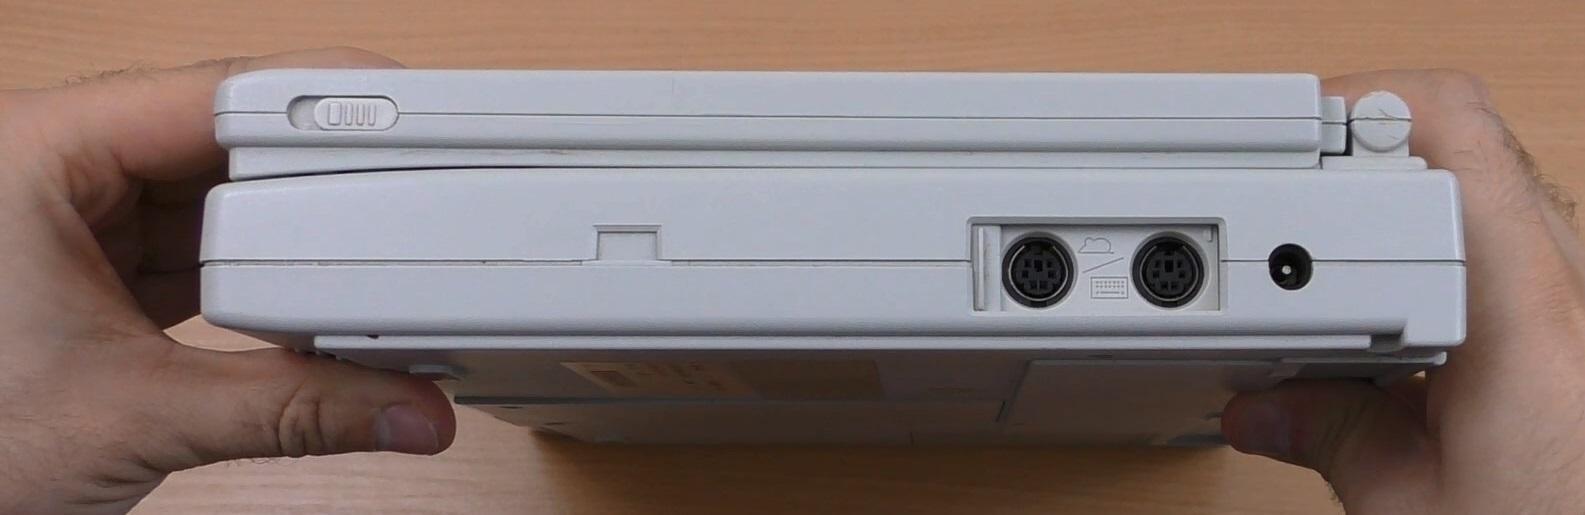 Мощь 80486 на Siemens Nixdorf PCD-4ND (текст и видео — на выбор) - 8